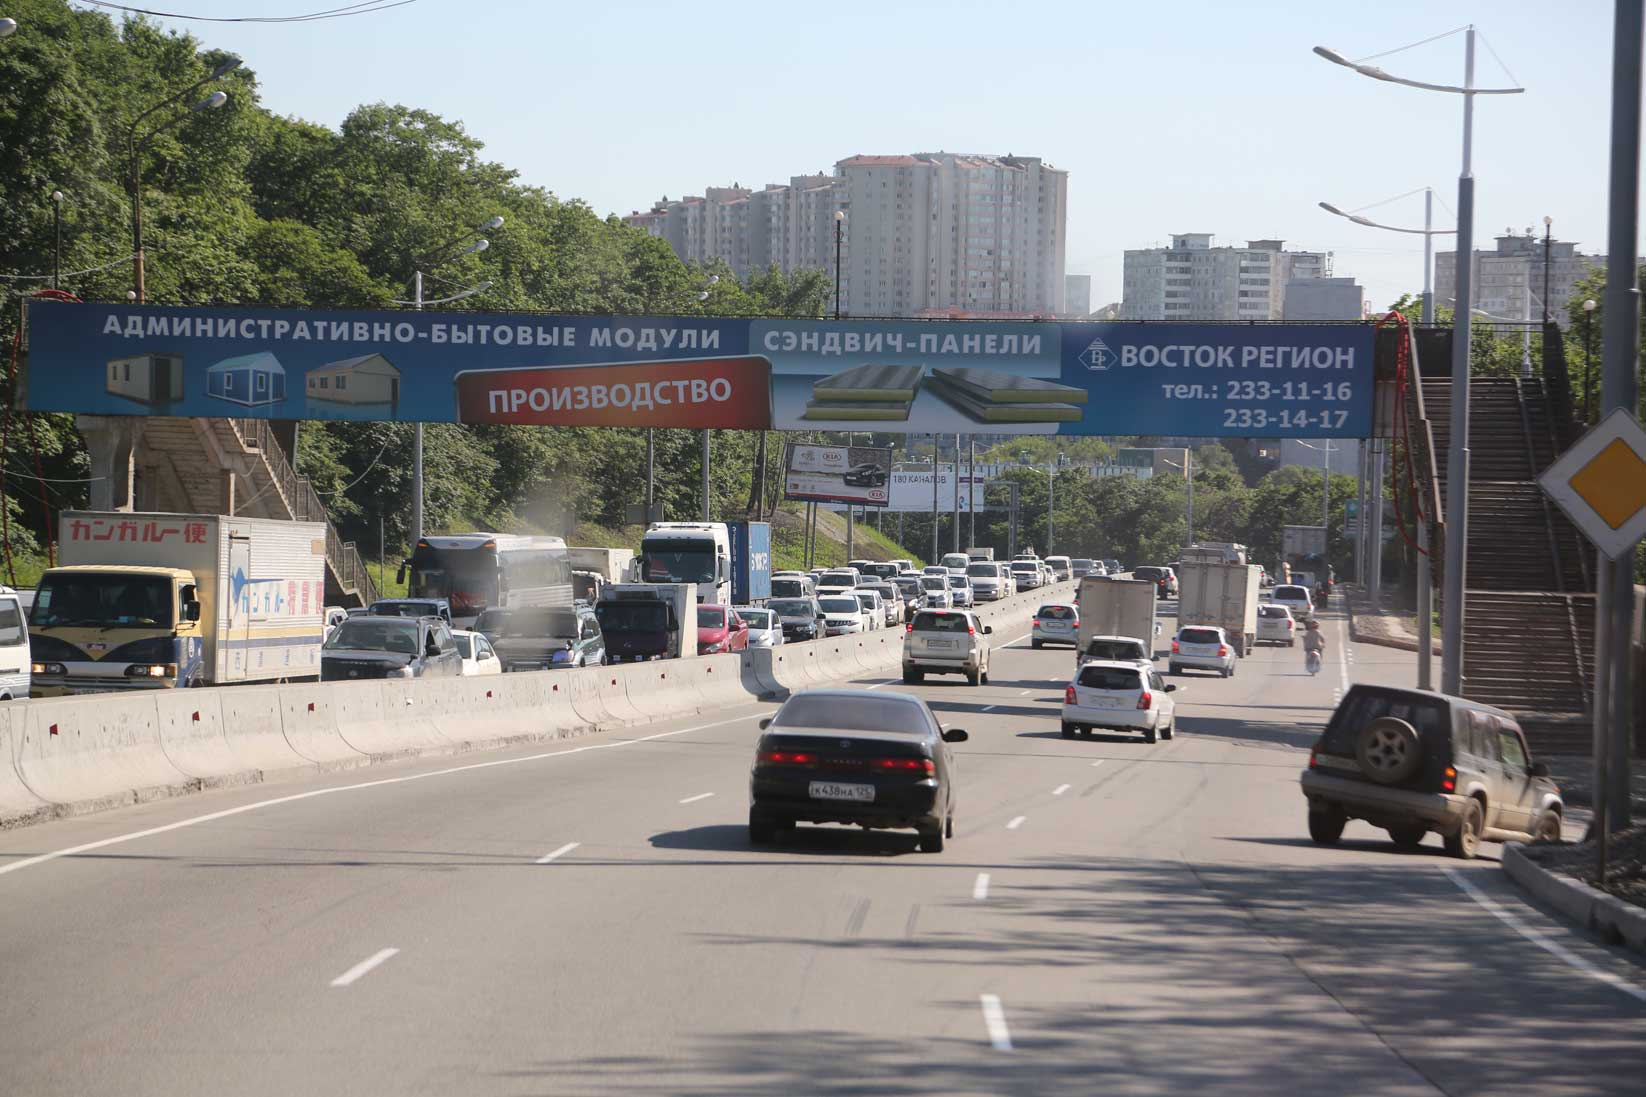 国境を越えるとこんなに風景が違うのか!?【中国からバスで行くウラジオストク(後編)】_b0235153_18514614.jpg